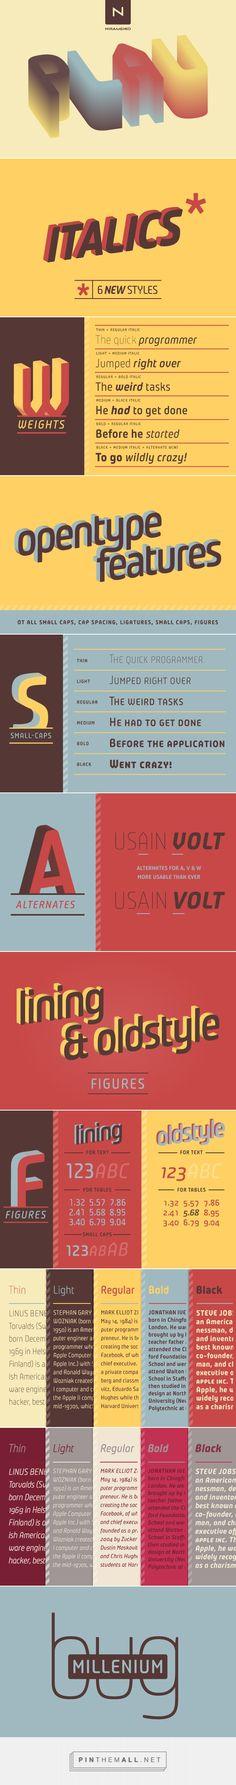 Plau - Desktop Font & WebFont - YouWorkForThem